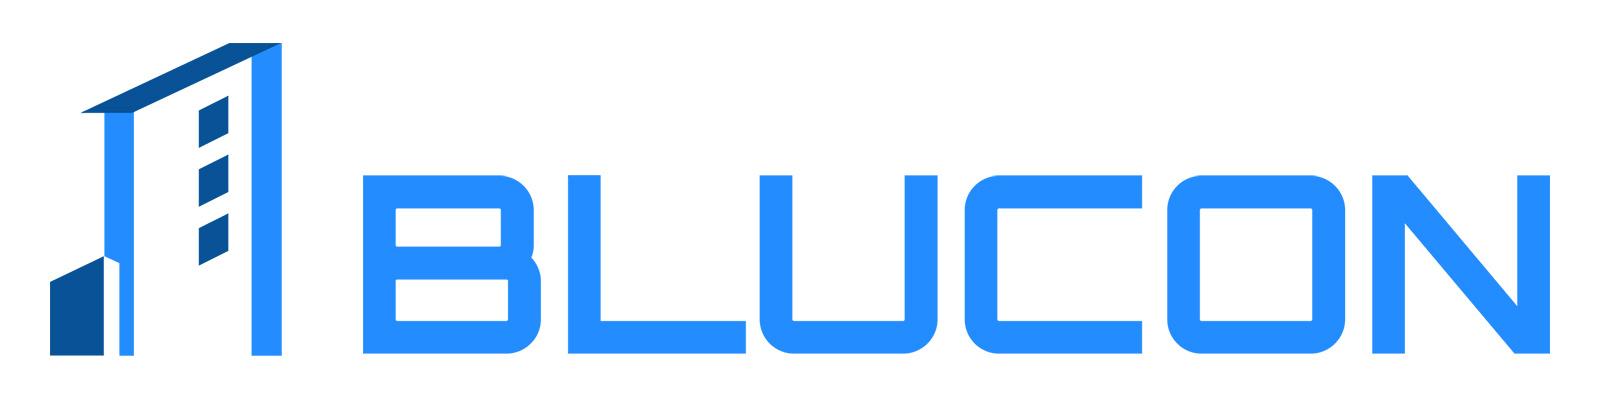 Blucon Oy logo